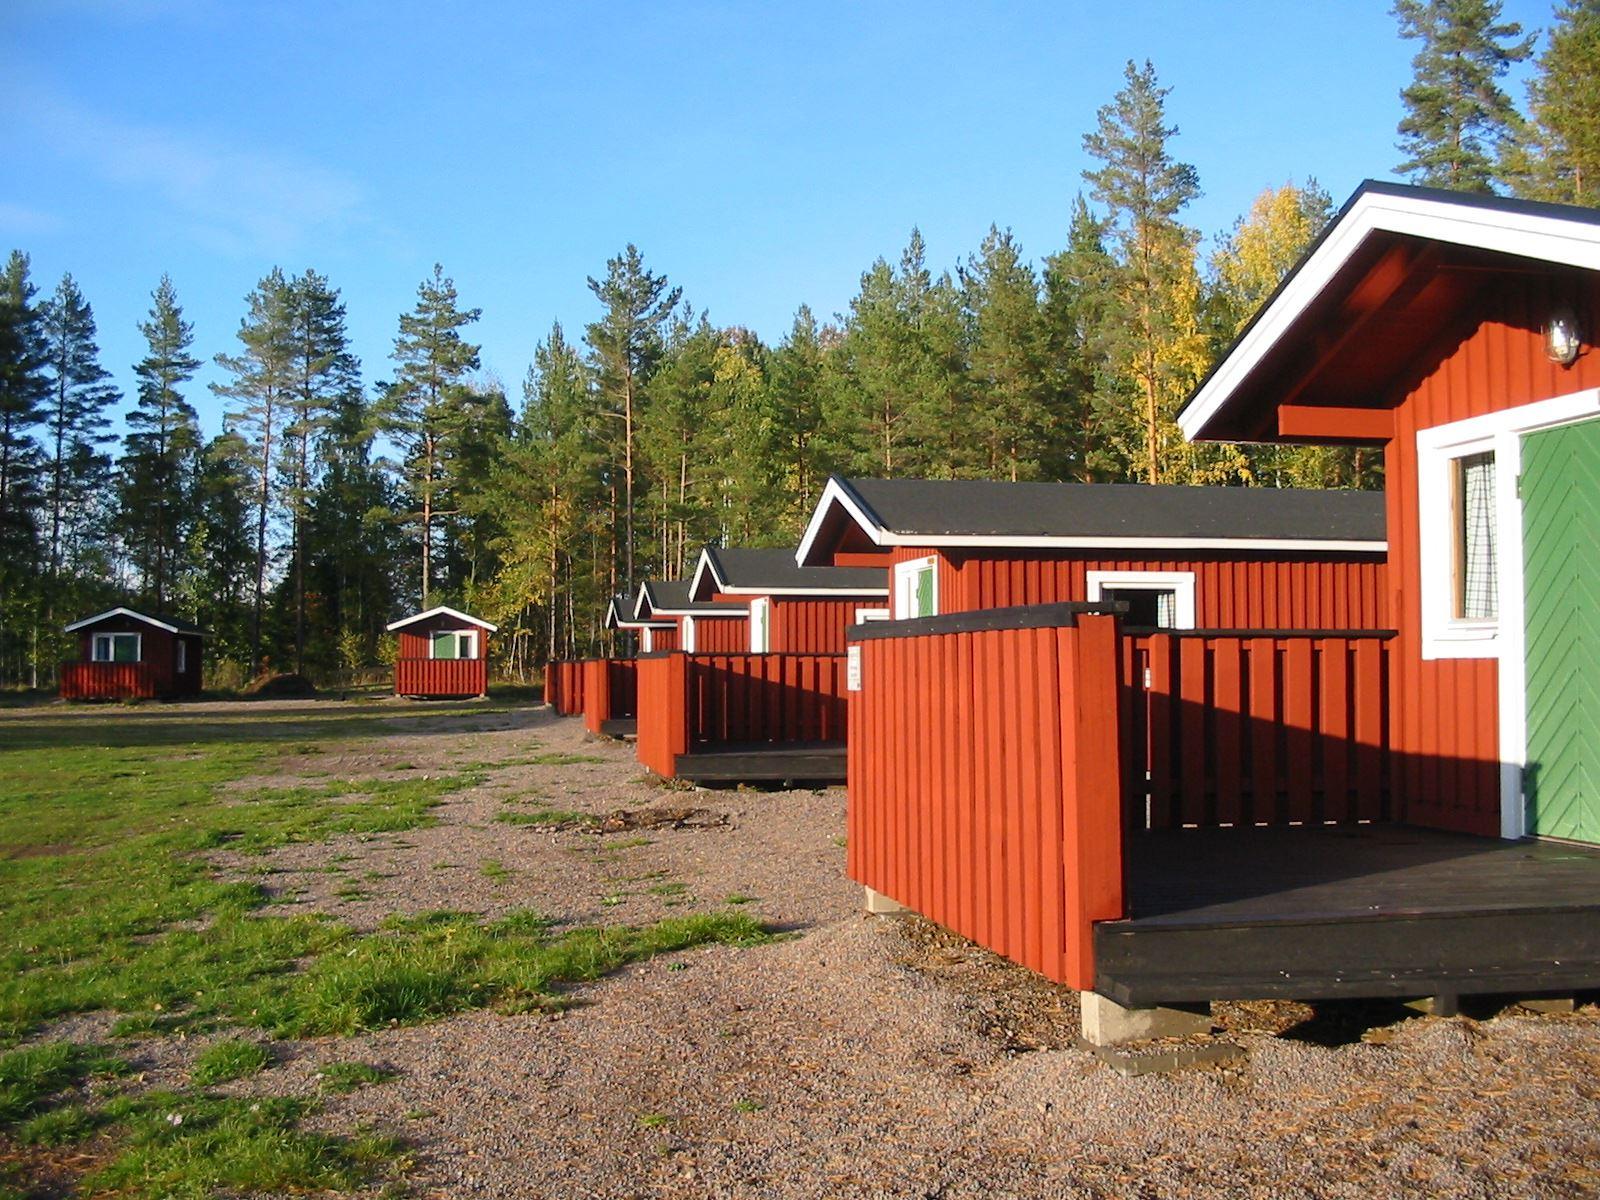 Malexanders Camping / Ferinenhäuser